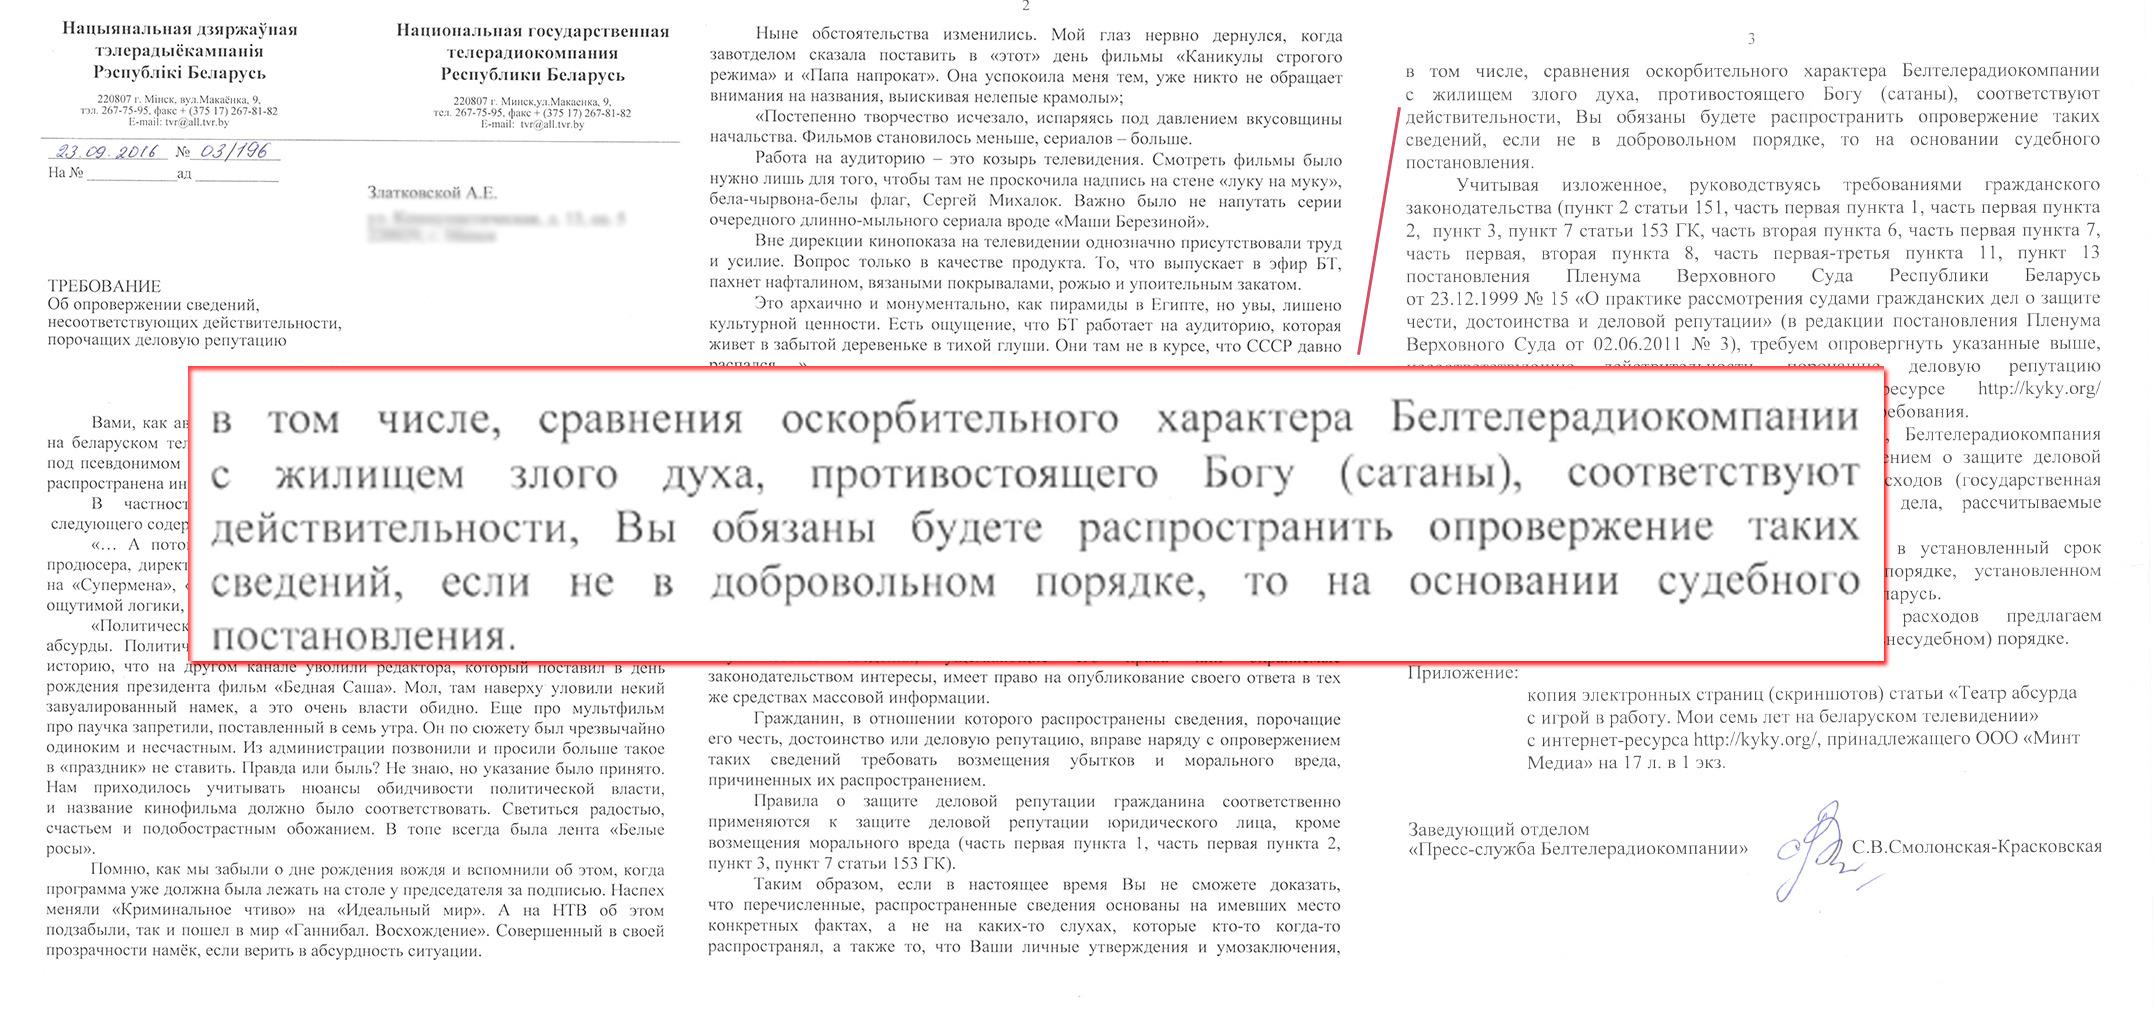 Требование об опровержении от телеканала Беларусь-1